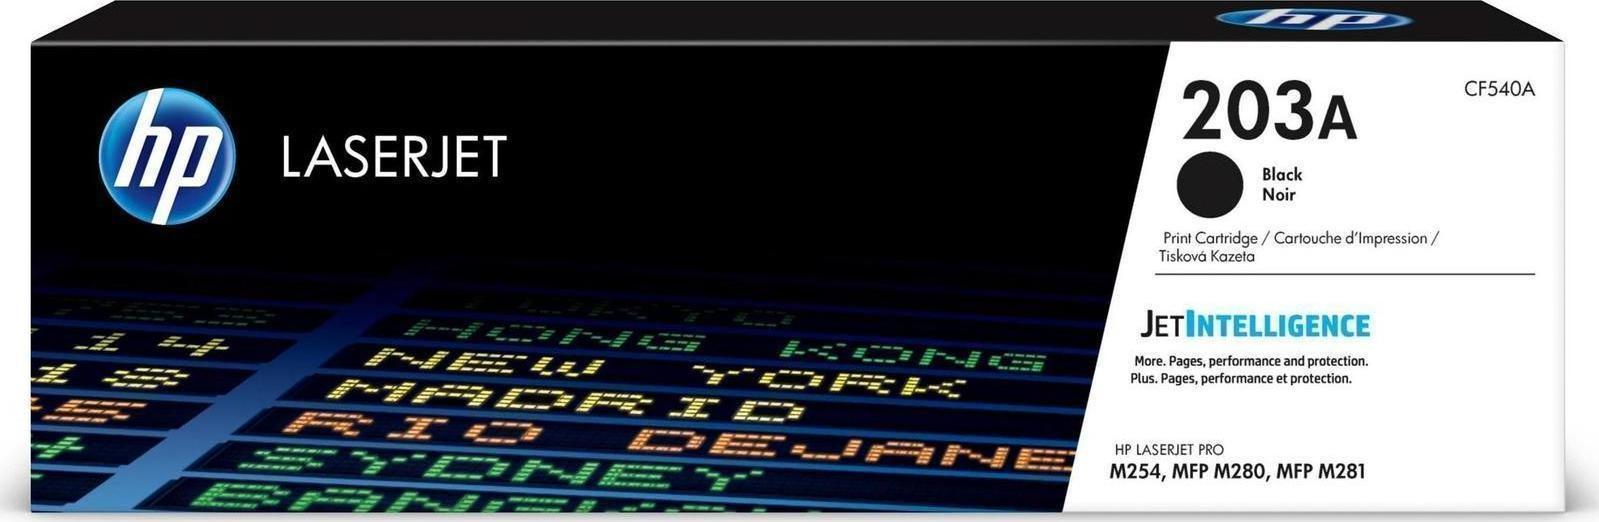 HP 203A Black Toner (CF540A) - Πληρωμή και σε εως 12 δόσεις